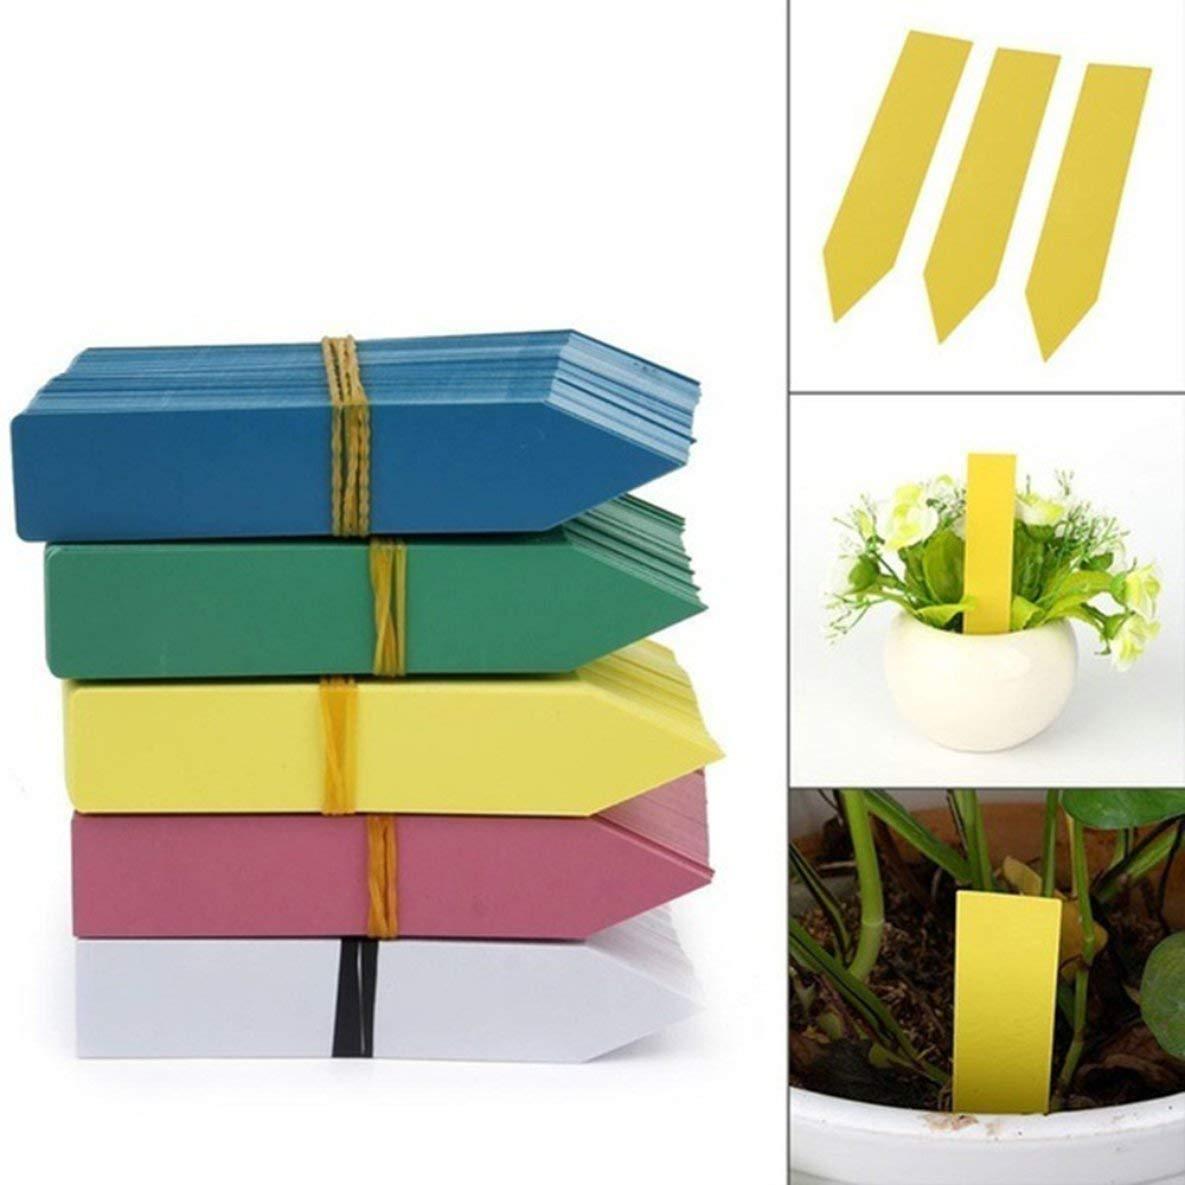 Moliies Etiquetas de Semillas de Flores de Plantas de plástico Impermeables Reutilizables Etiquetas de jardín Herramientas de decoración 50丨100 Piezas 丨 Paquete 丨 Amarillo: Amazon.es: Jardín